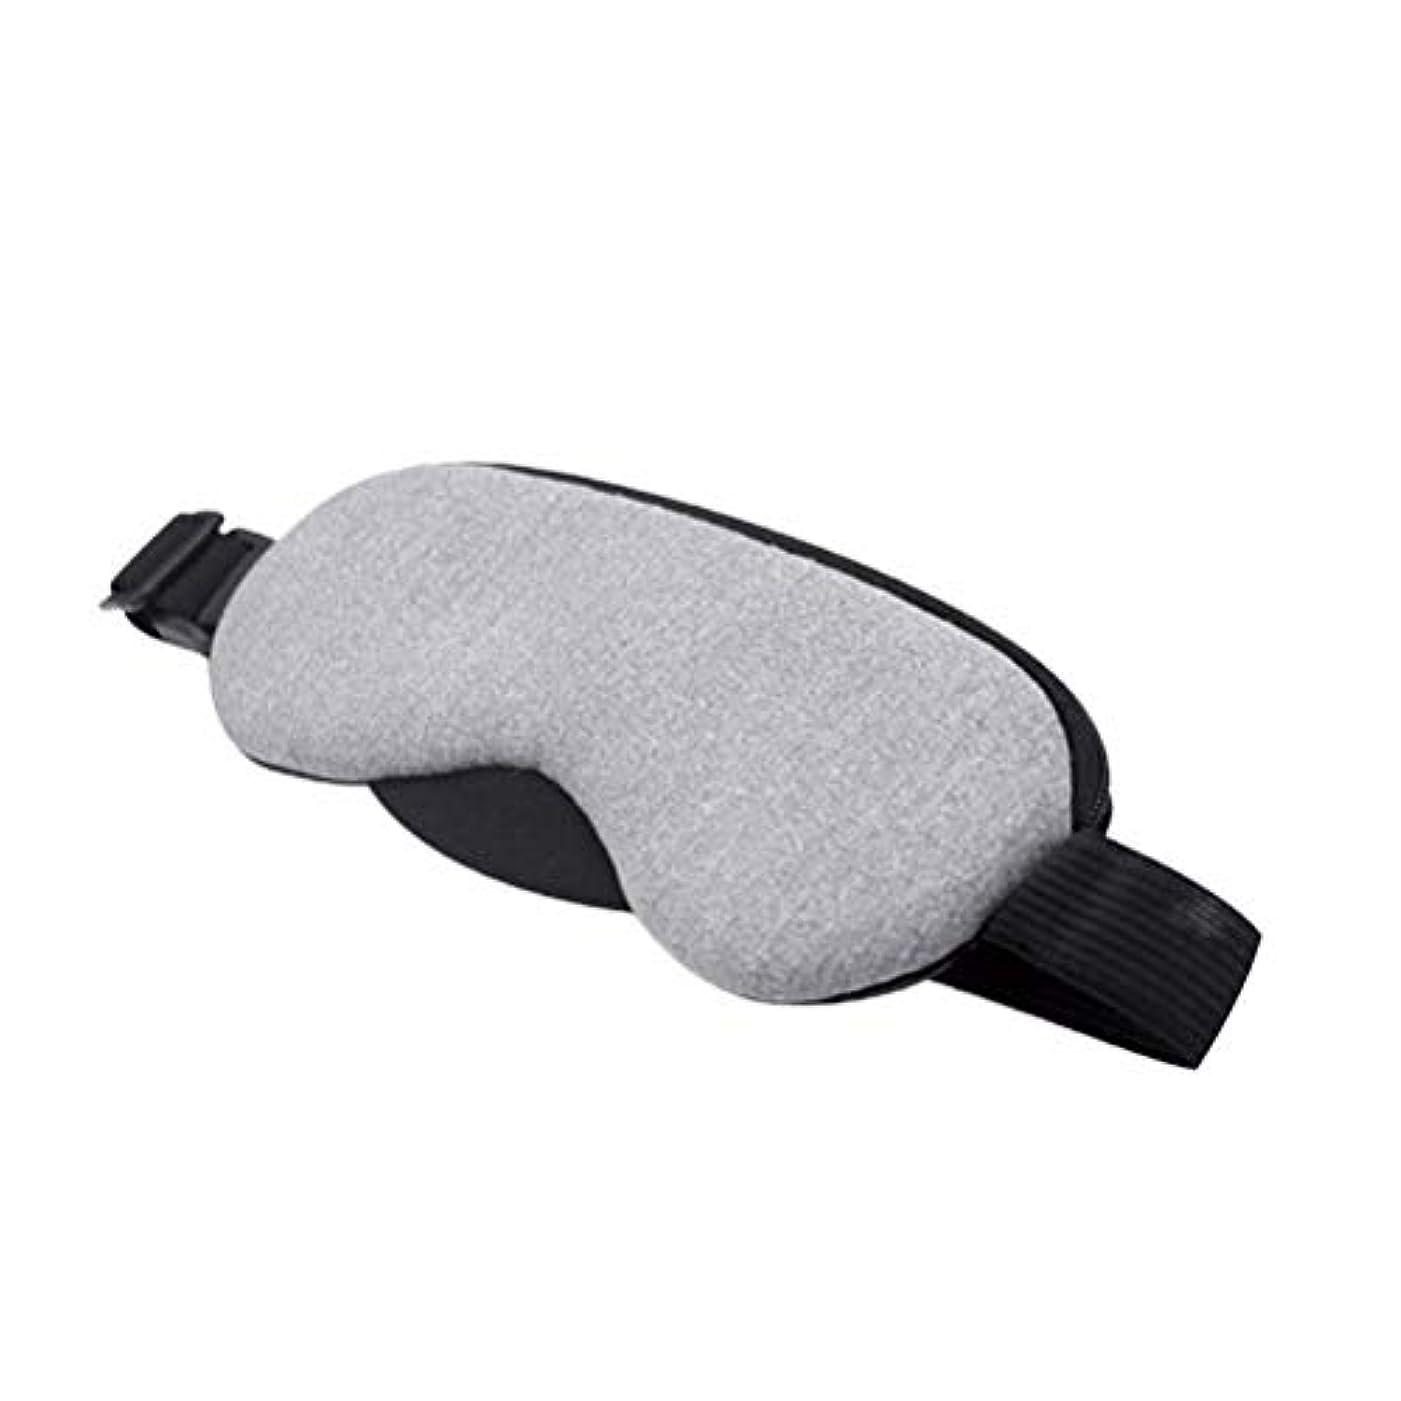 標高散歩ここにHealifty アイマスク 蒸気ホットアイマスク USB 加熱式 スリーピングアイマスク 温度とタイミング制御 吹き出物/乾燥/疲れた目(灰色)